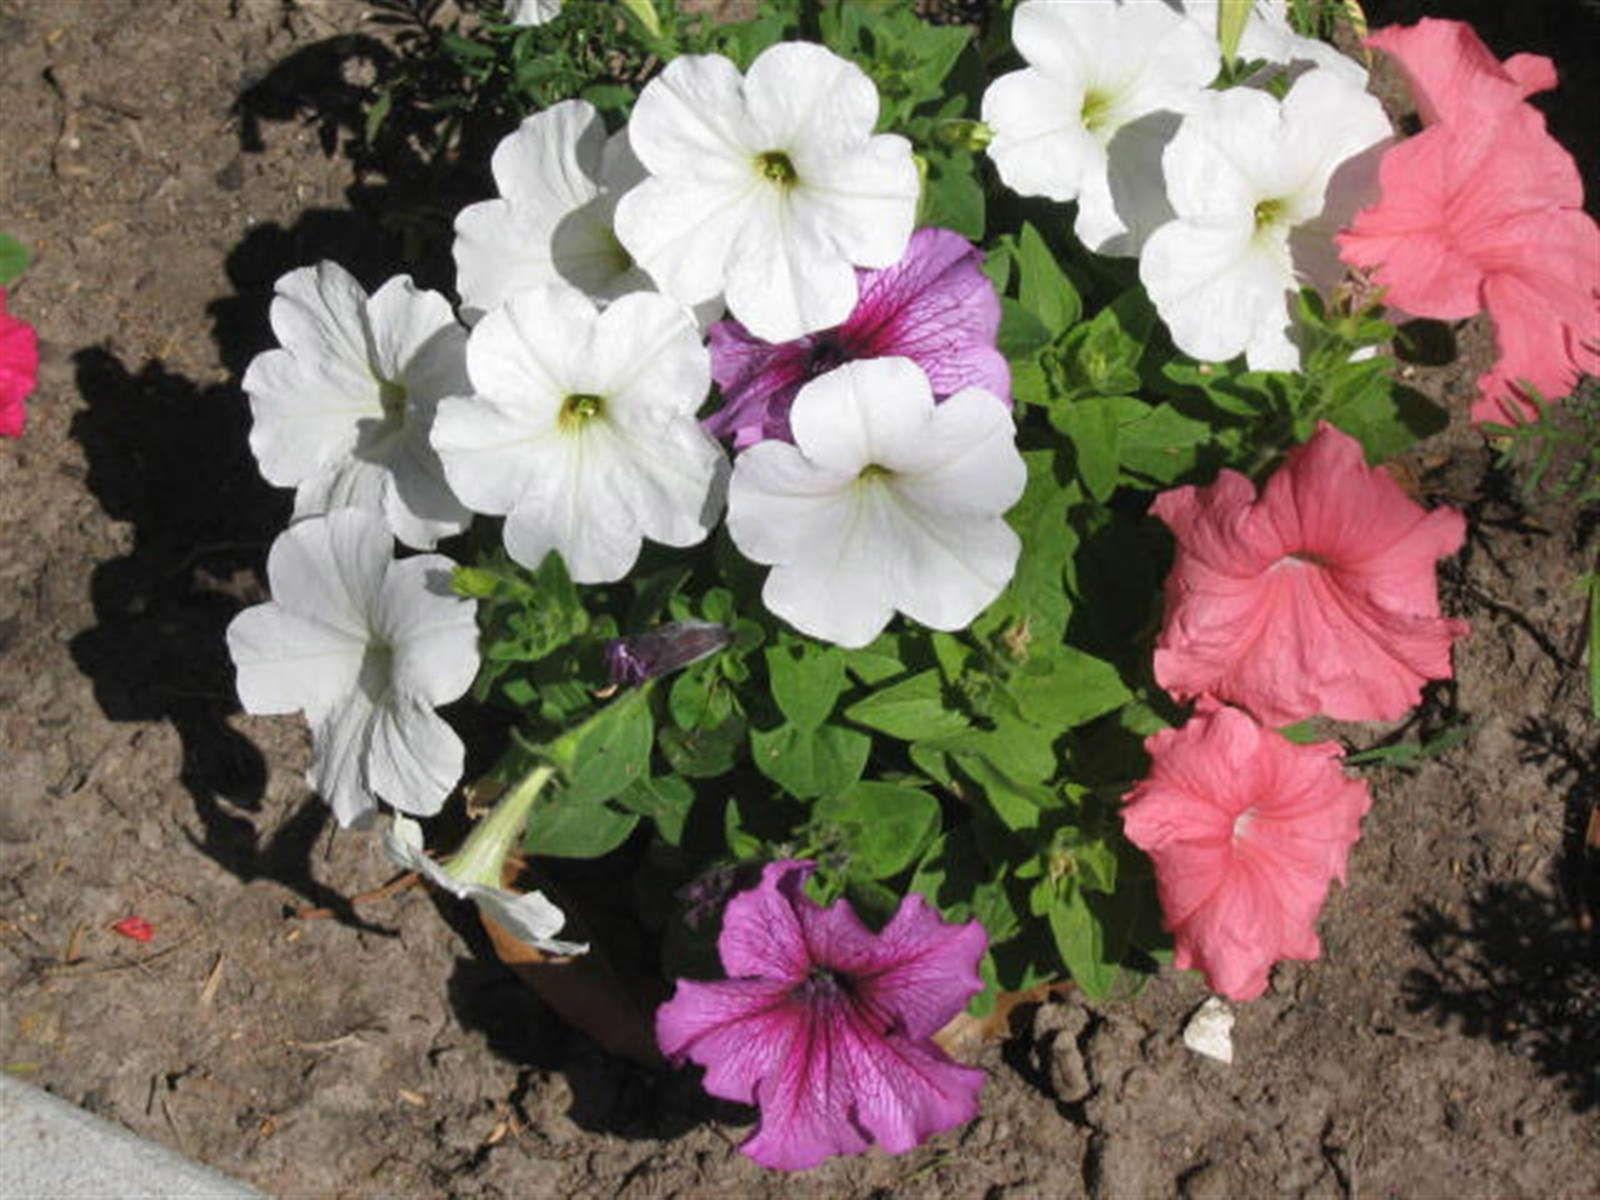 Ampelschirme Gunstig Online Kaufen Bestellen Petunien Garten